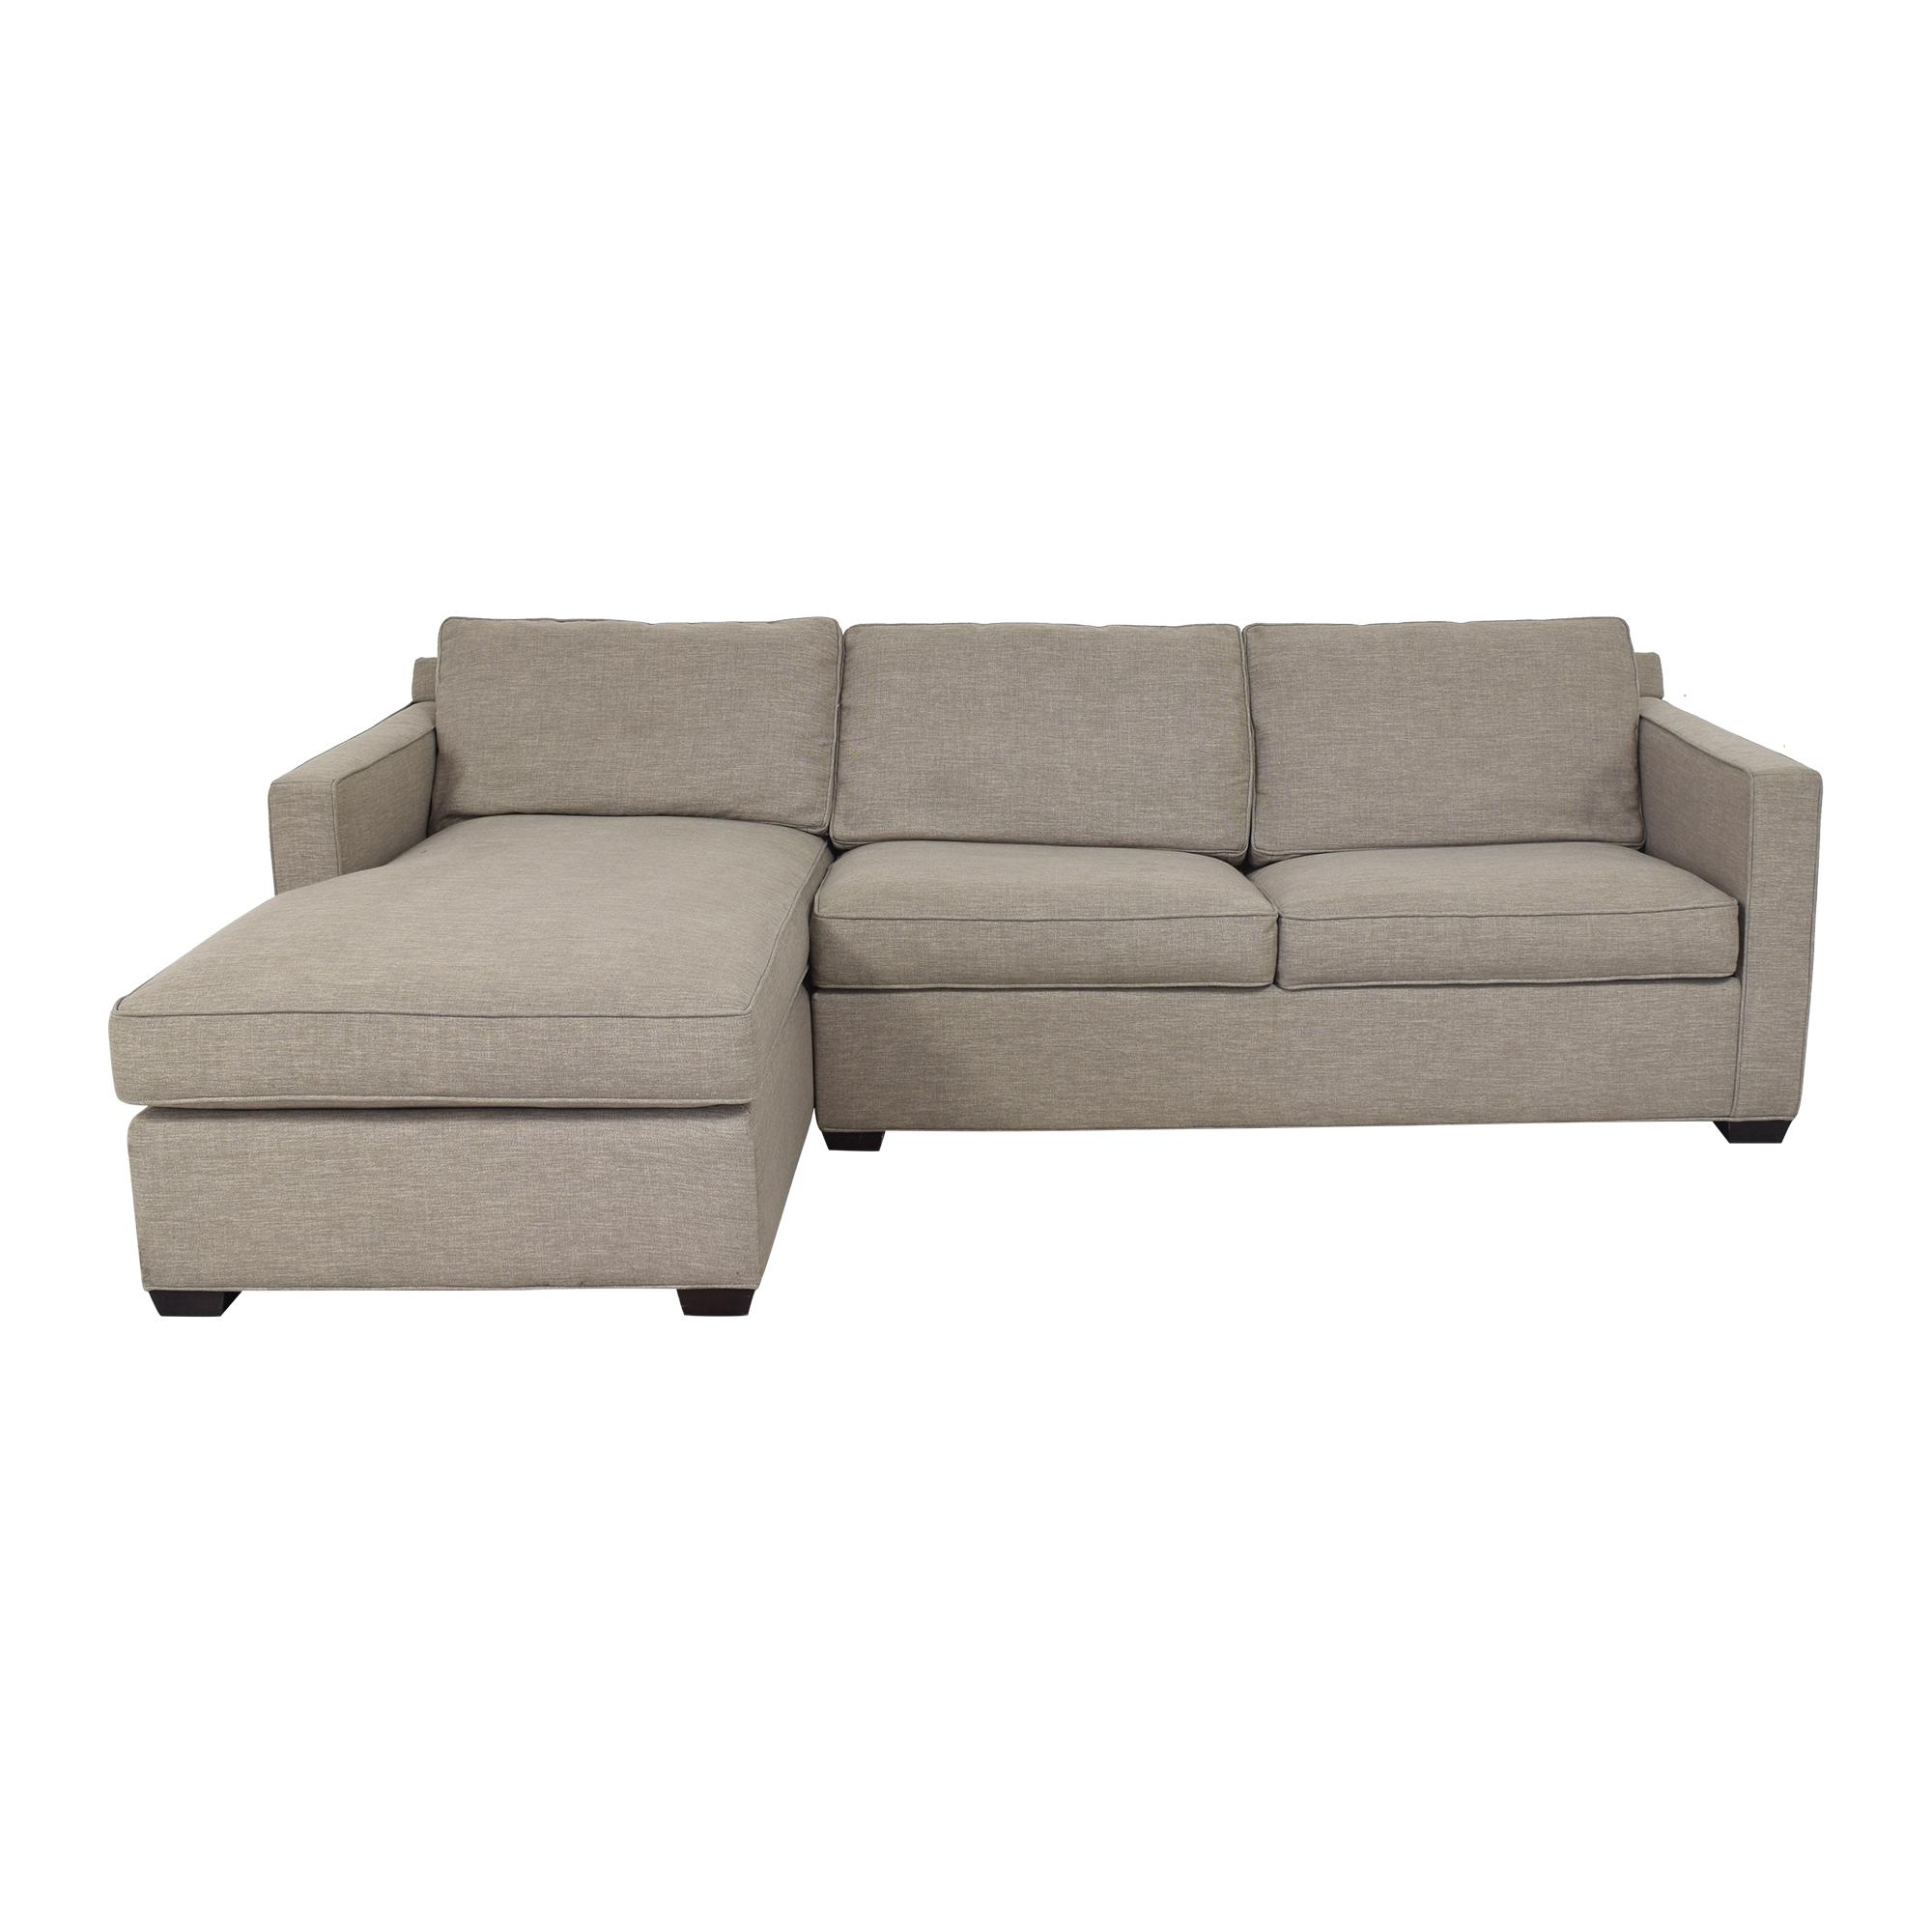 Crate & Barrel Crate & Barrel Davis Sleeper Sofa  Sofas